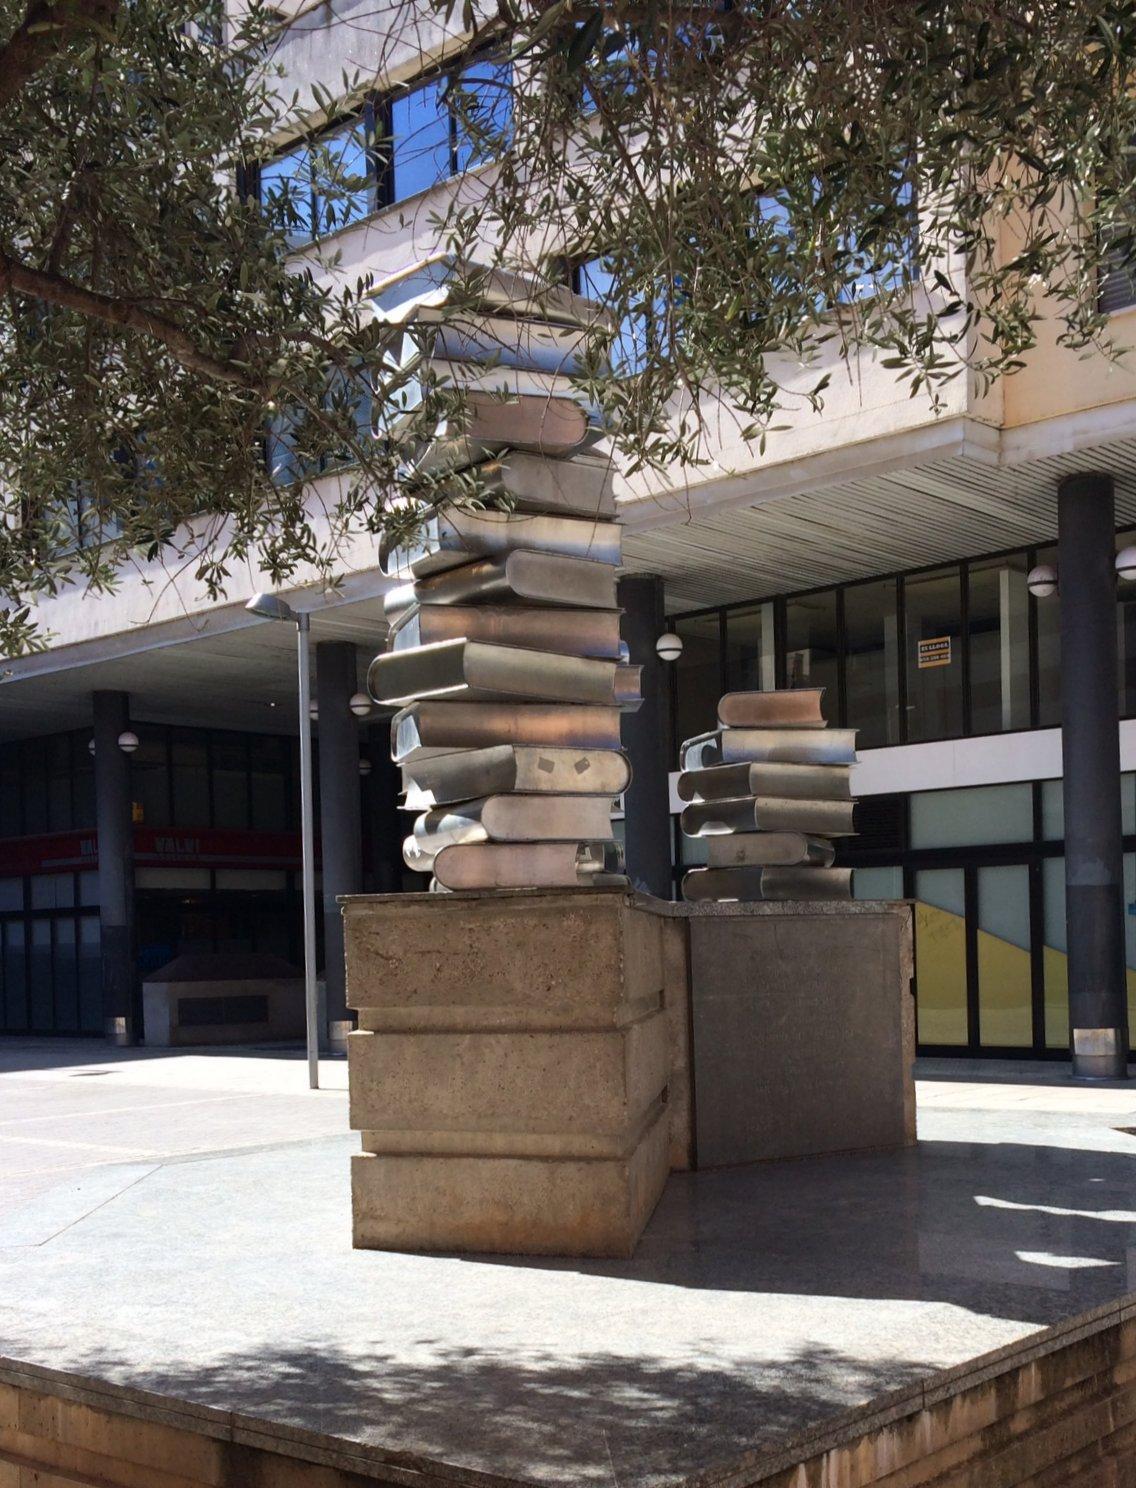 A la plaça Josep Pla, de Girona